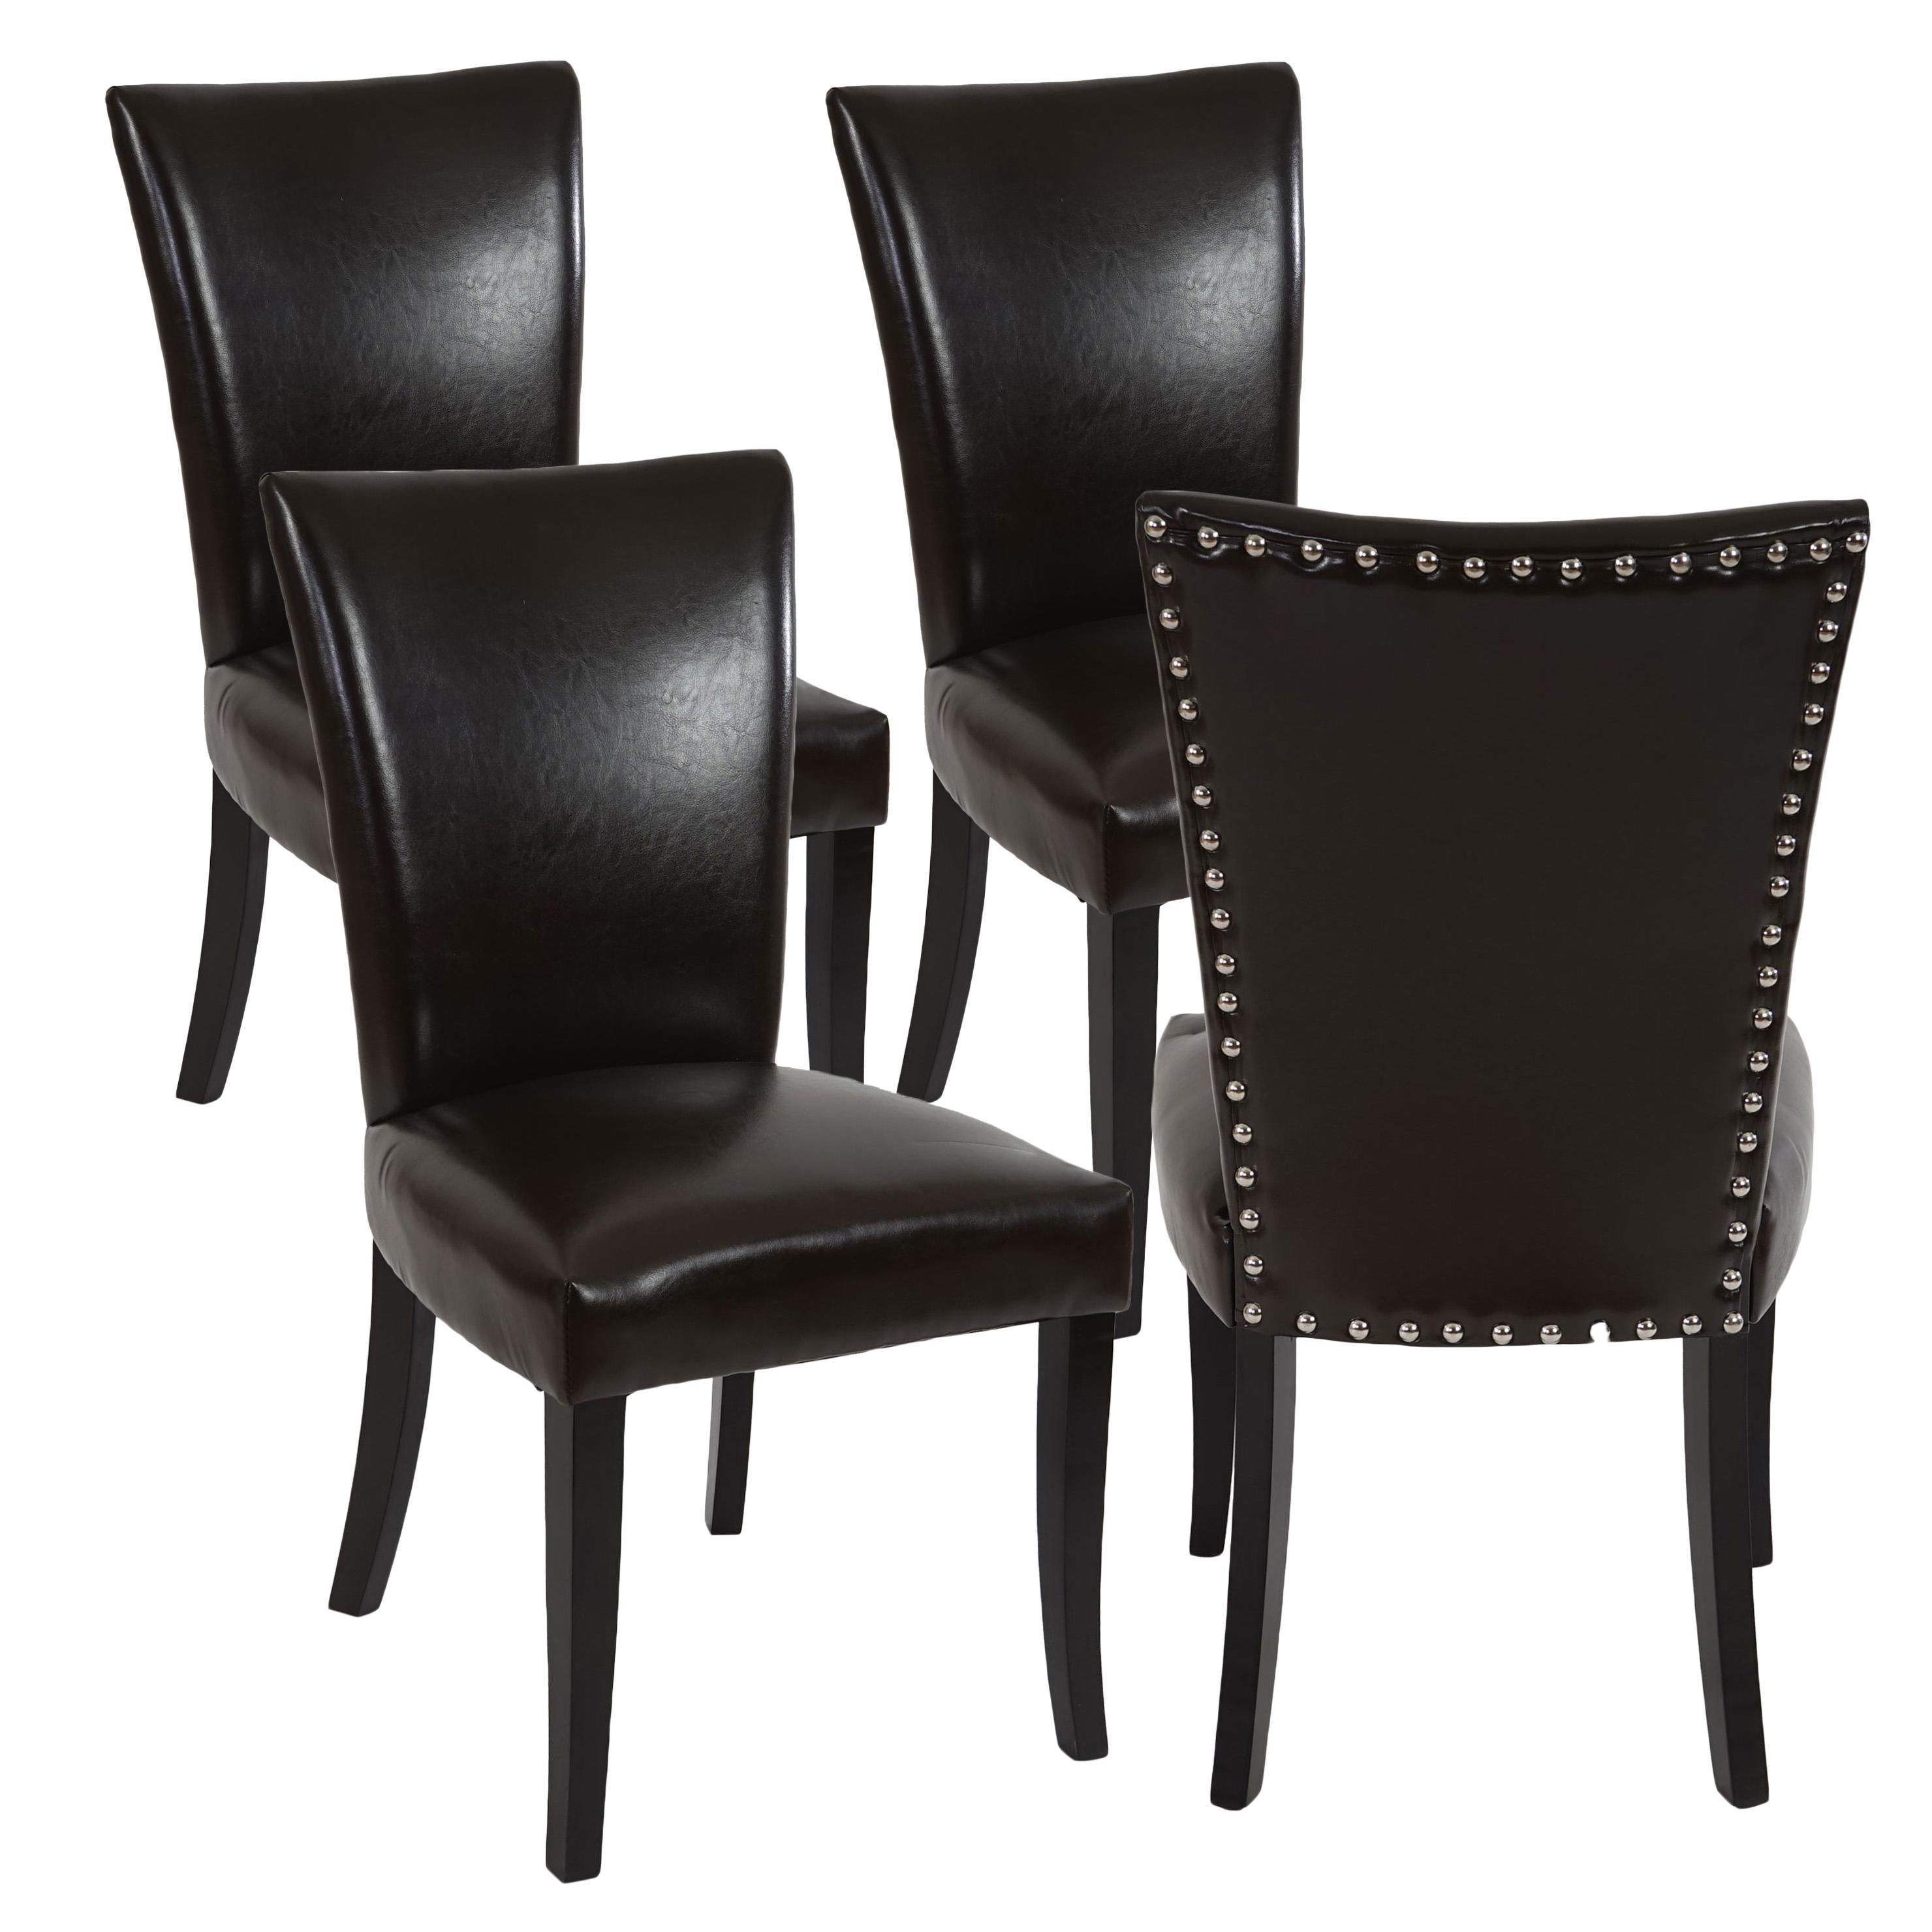 Lote de 4 sillas de comedor augusto piel marr n y patas for Sillas tapizadas para comedor